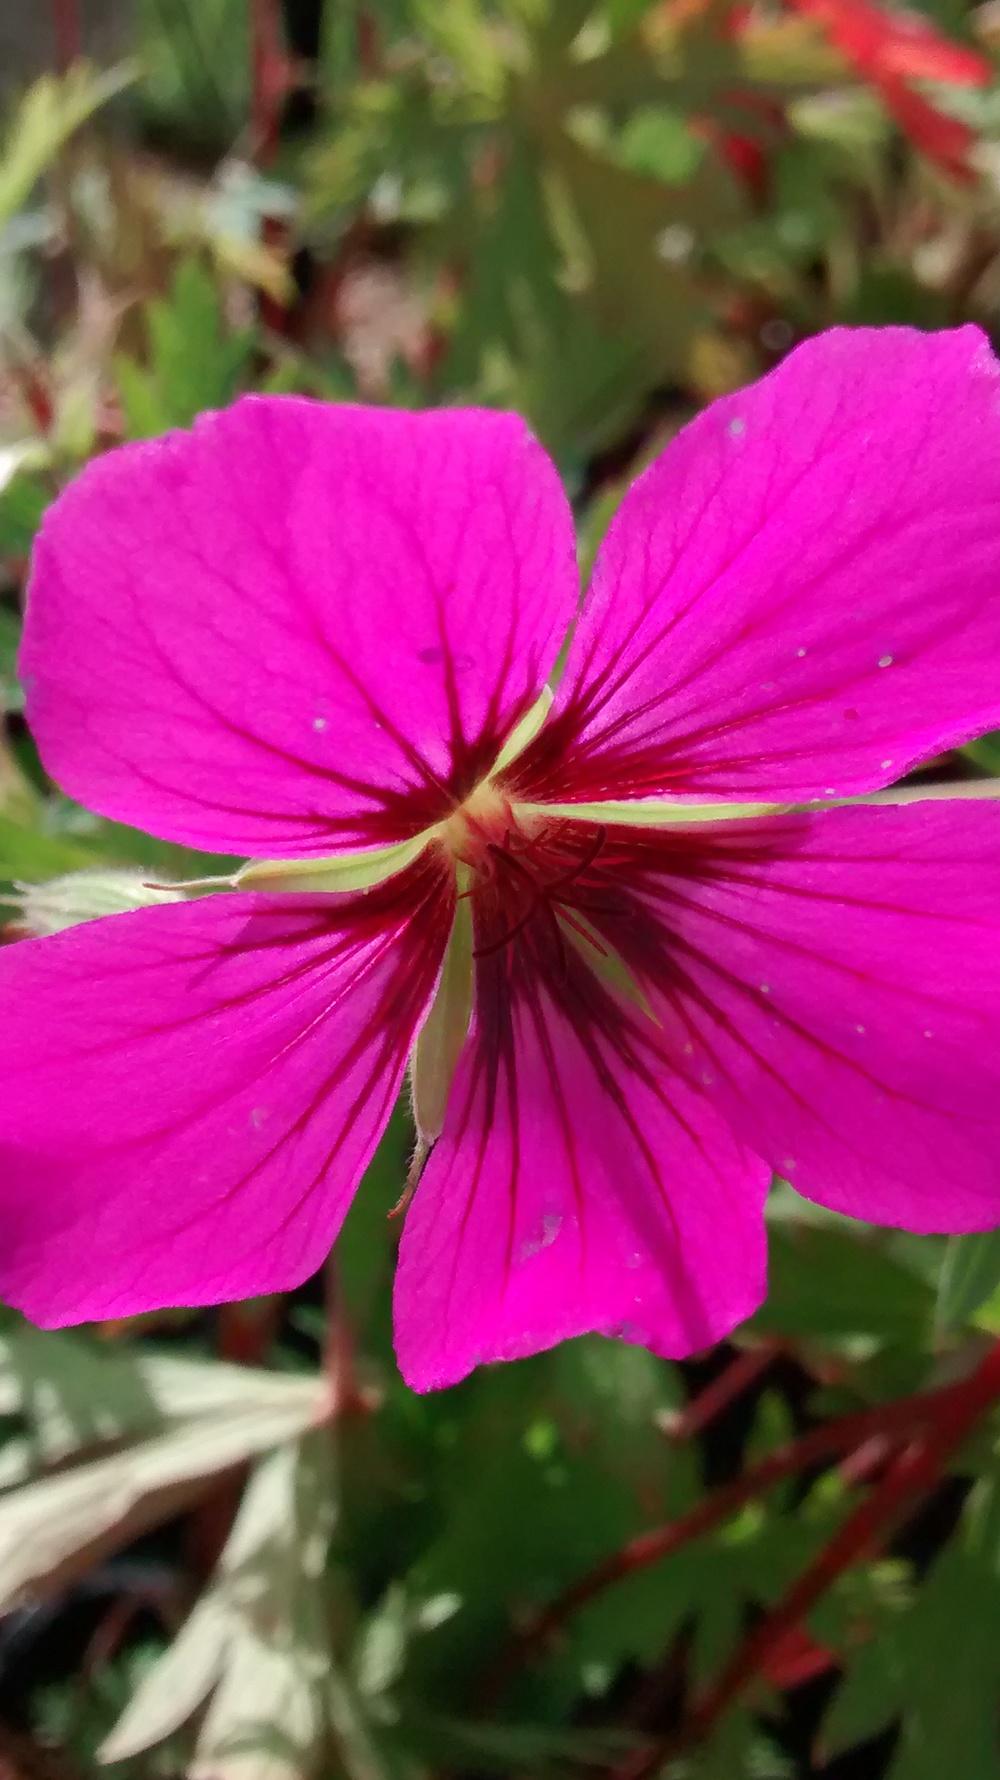 Geranium Patricia ('Brempat') AGM